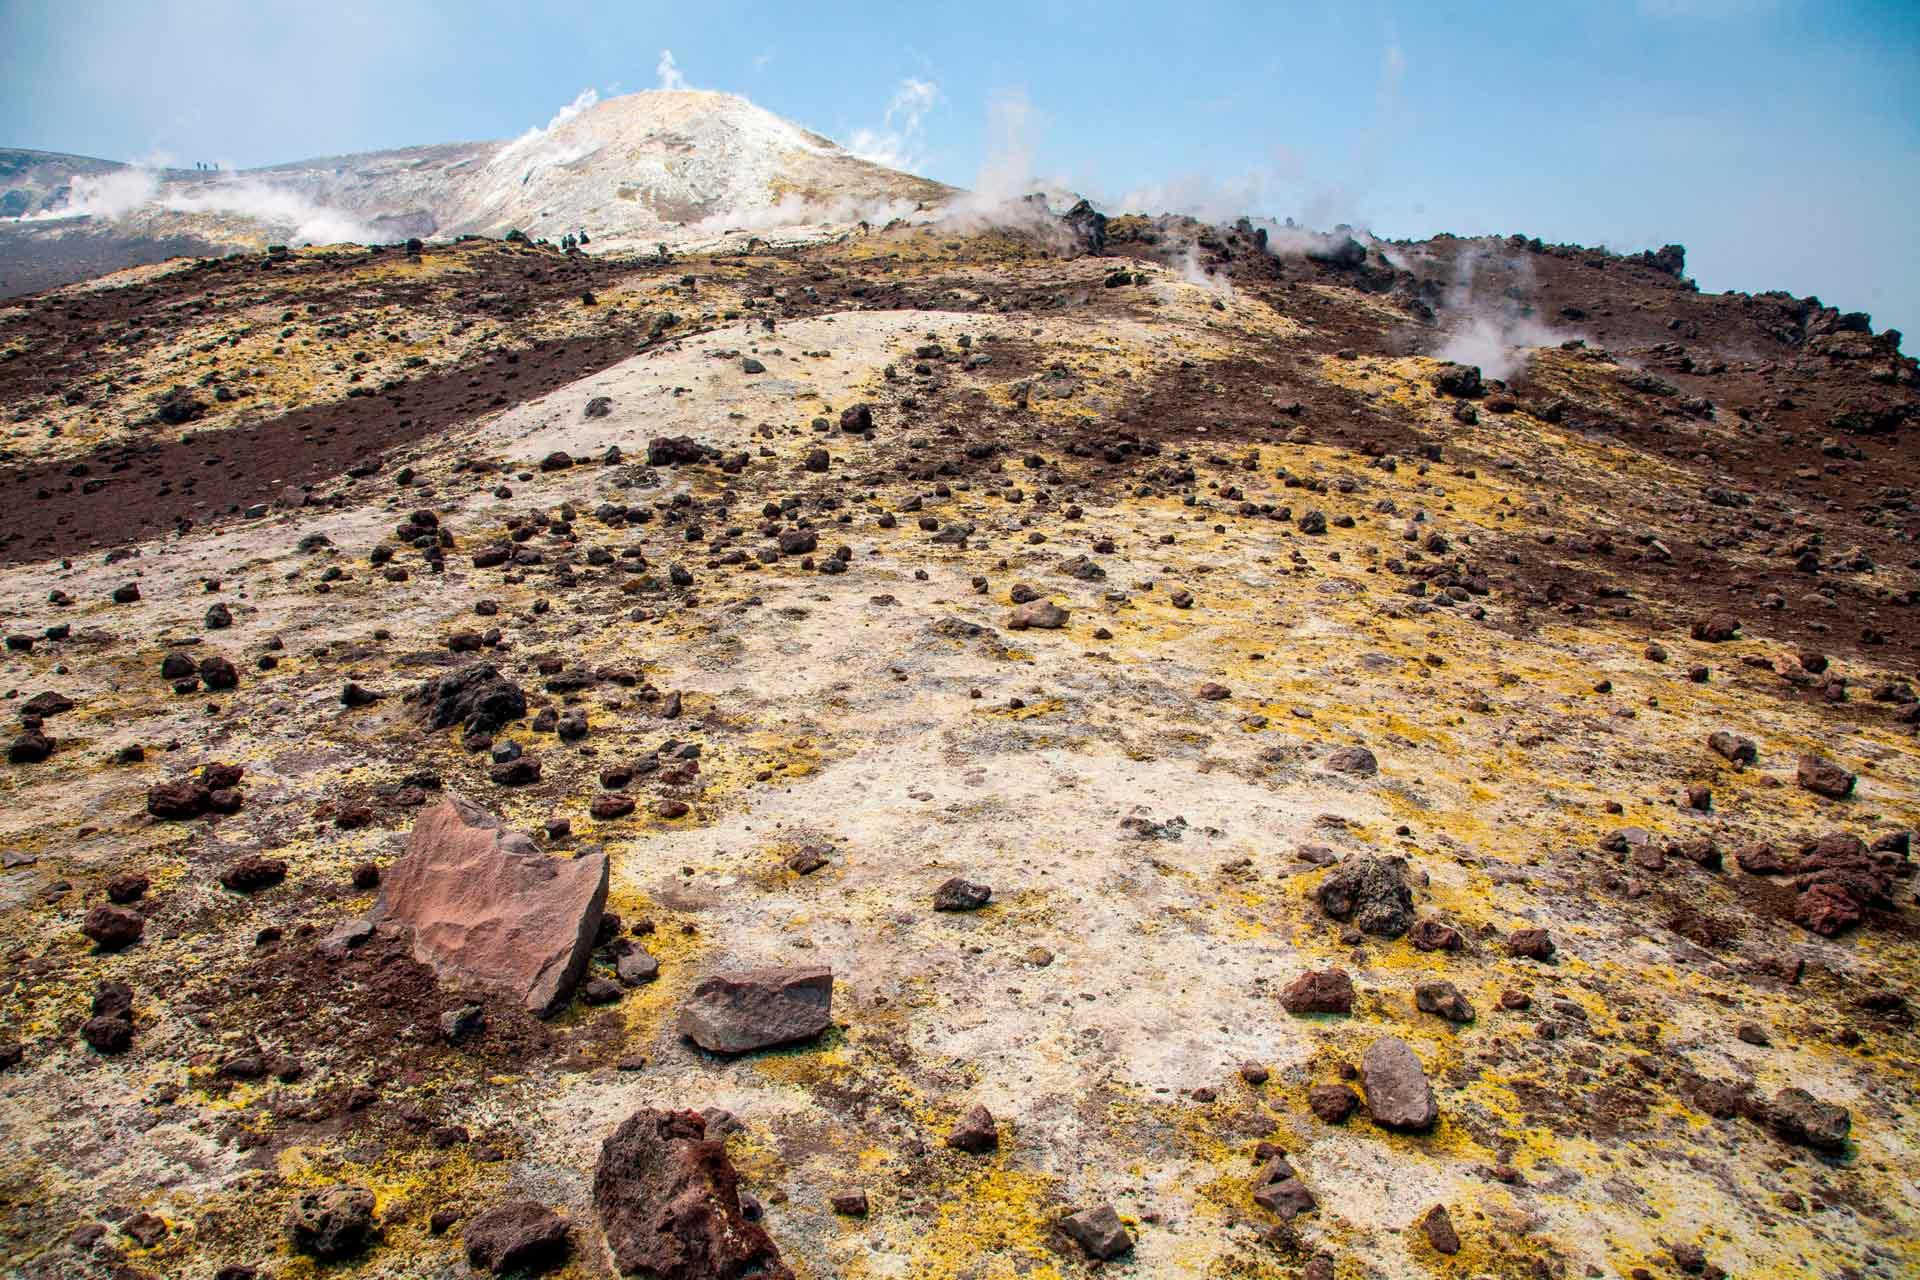 Aujourd'hui, le volcan Etna est caract?ris? par 4 crat?res sommitaux, le premier crat?re o? nous arrivons est le crat?re sud-est, qui a r?cemment ?t? le plus actif des quatre crat?res. Cette configuration contraste consid?rablement avec celle d'il y a environ un si?cle, lorsque seul le crat?re central ?tait situ? au sommet de l'Etna.